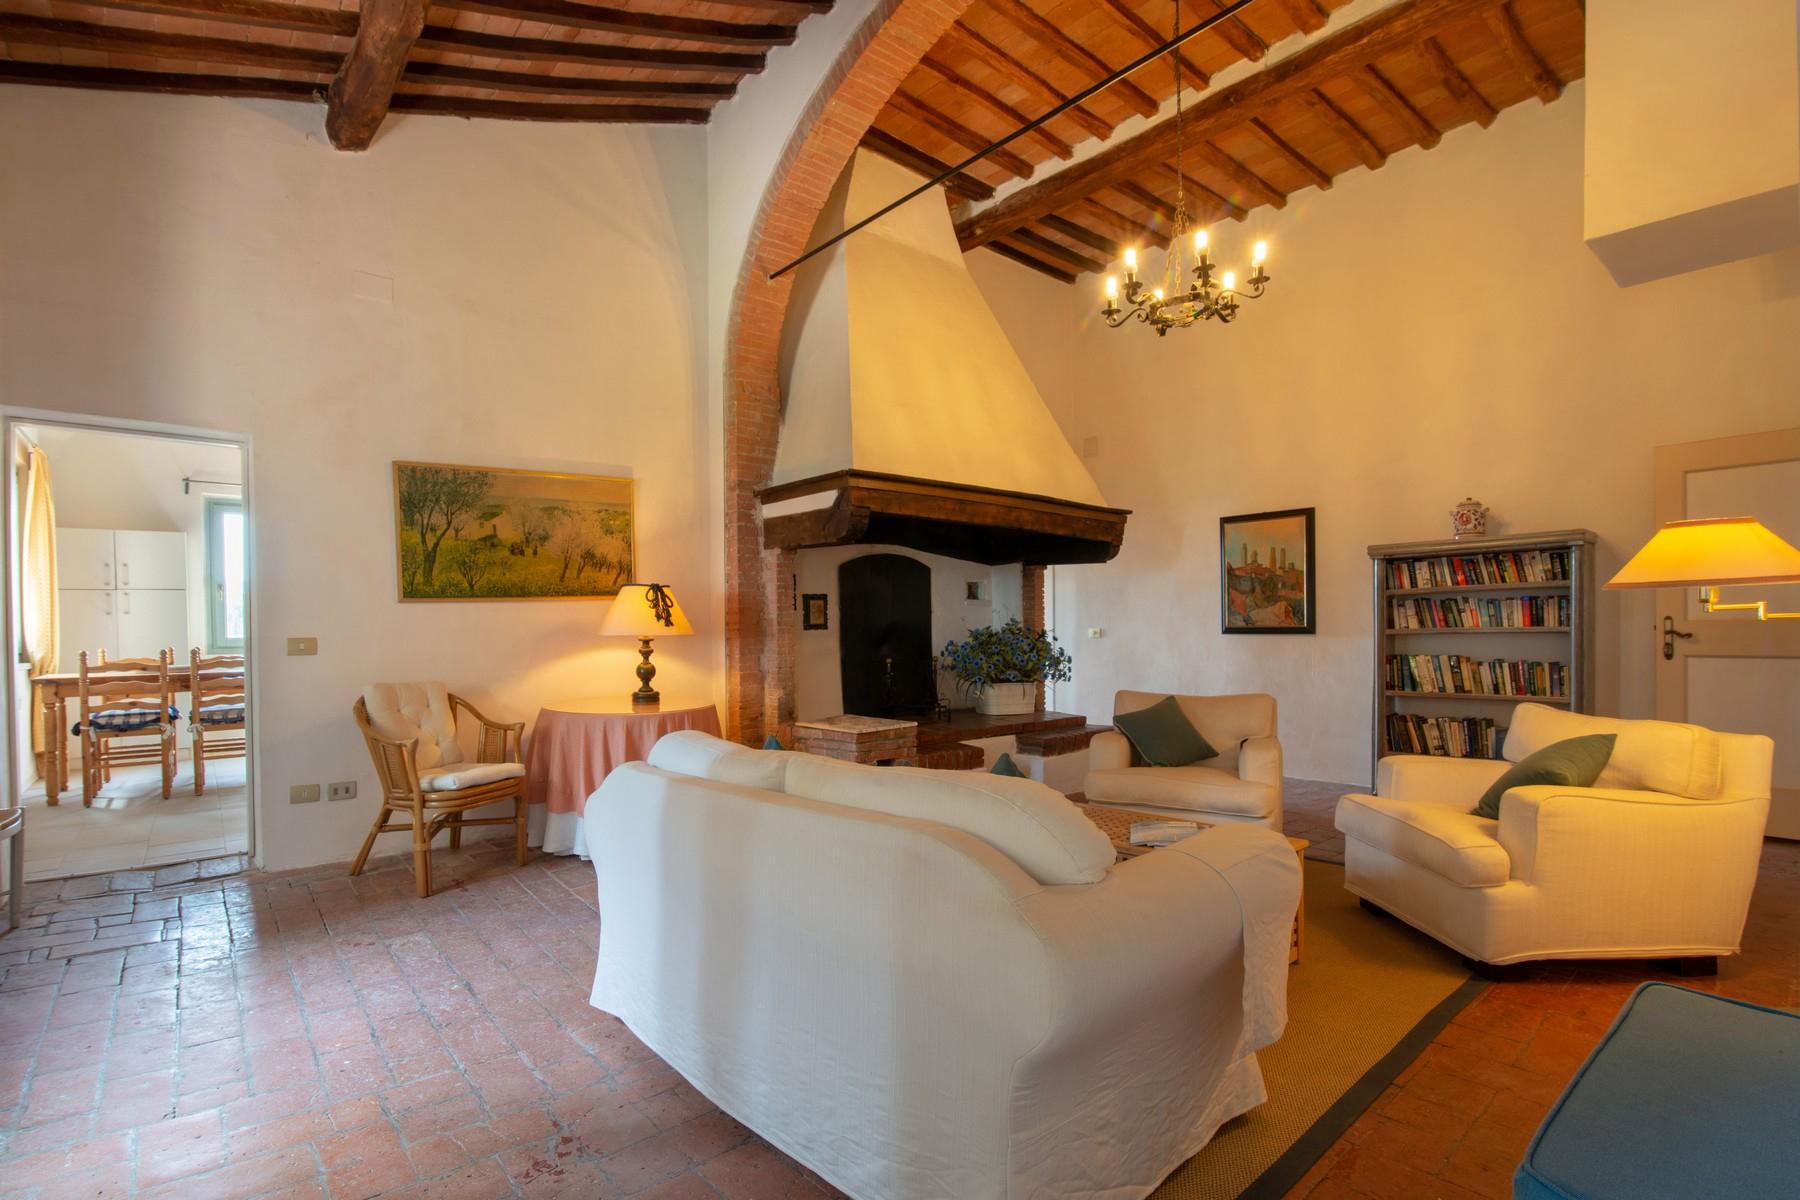 Rustico in Vendita a San Gimignano: 5 locali, 615 mq - Foto 22